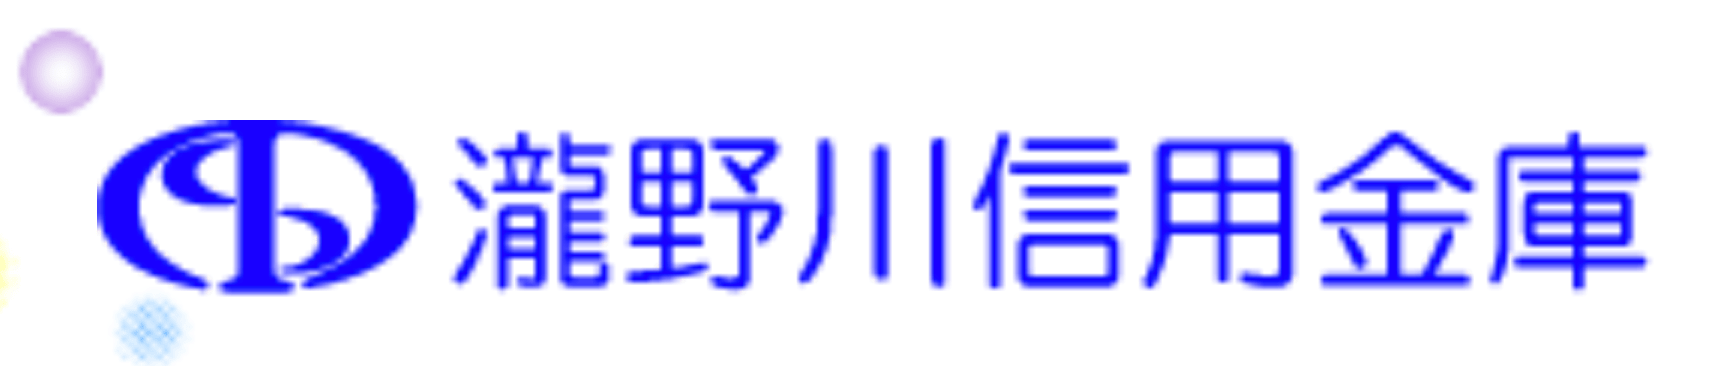 瀧野川信用金庫の年末年始の営業日や営業時間・ATM手数料